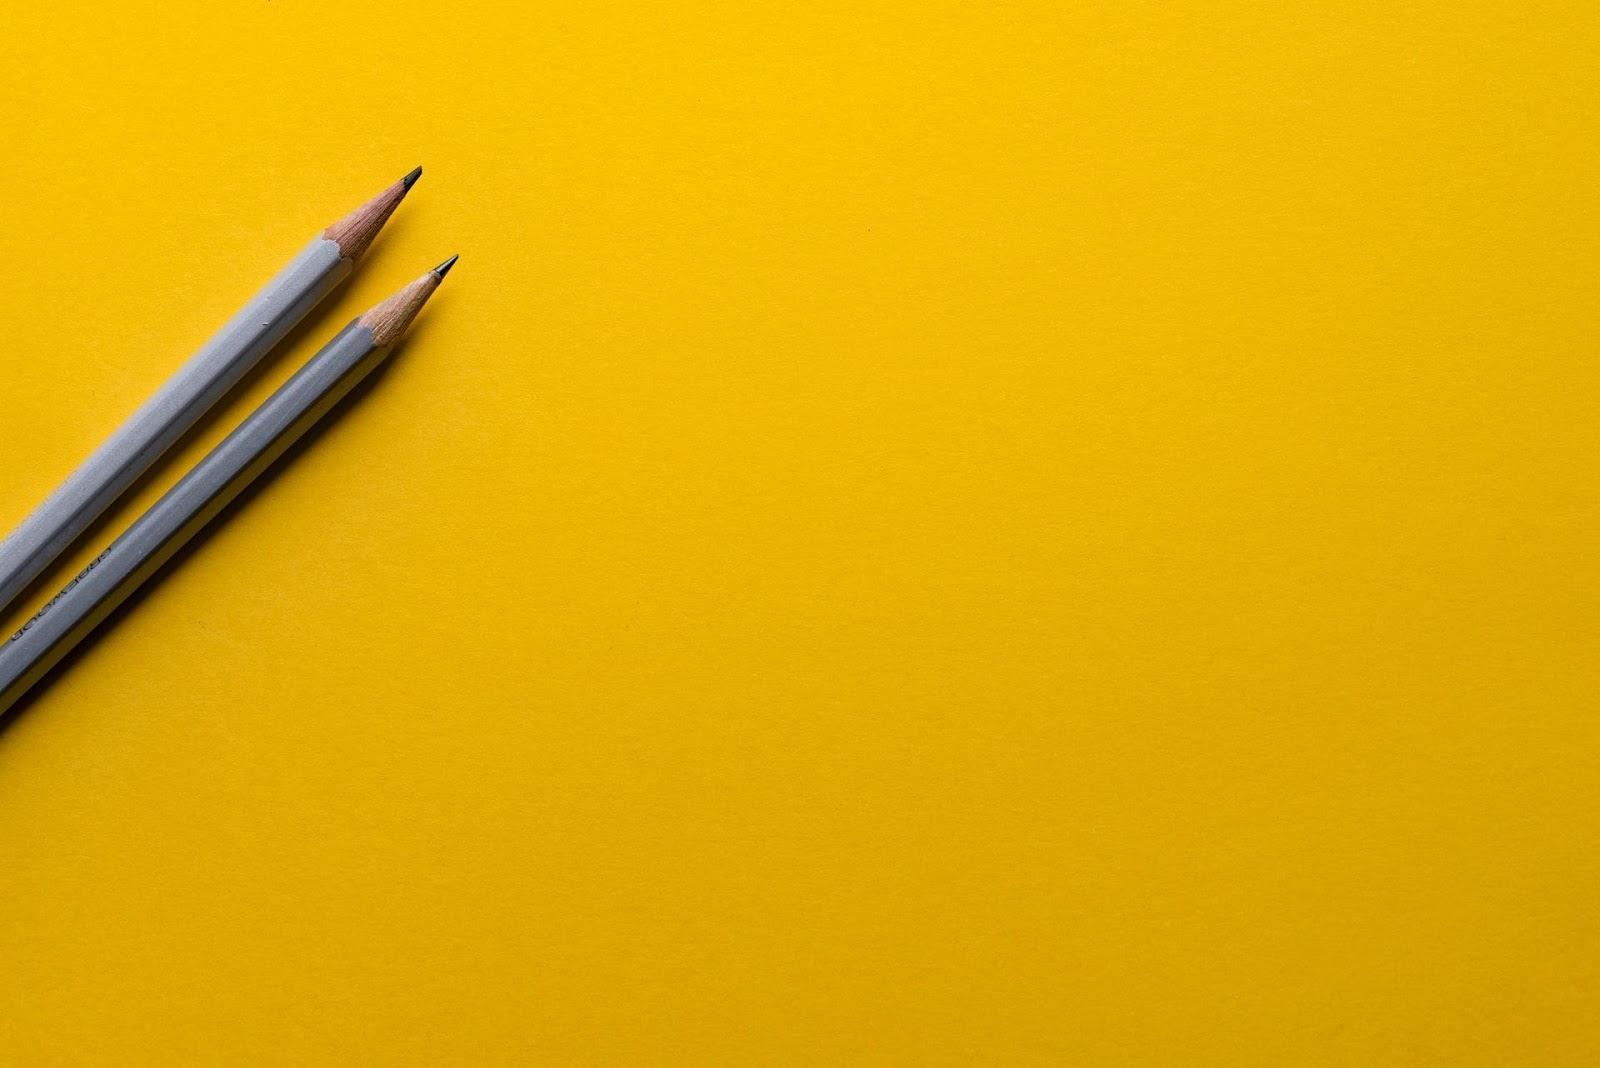 Dwa ołówki na żółtej kartce papieru. Stworzenie kalendarza publikacji jest nieodzowną częścią dobrej strategii zarządzania treścią dla blogerów.